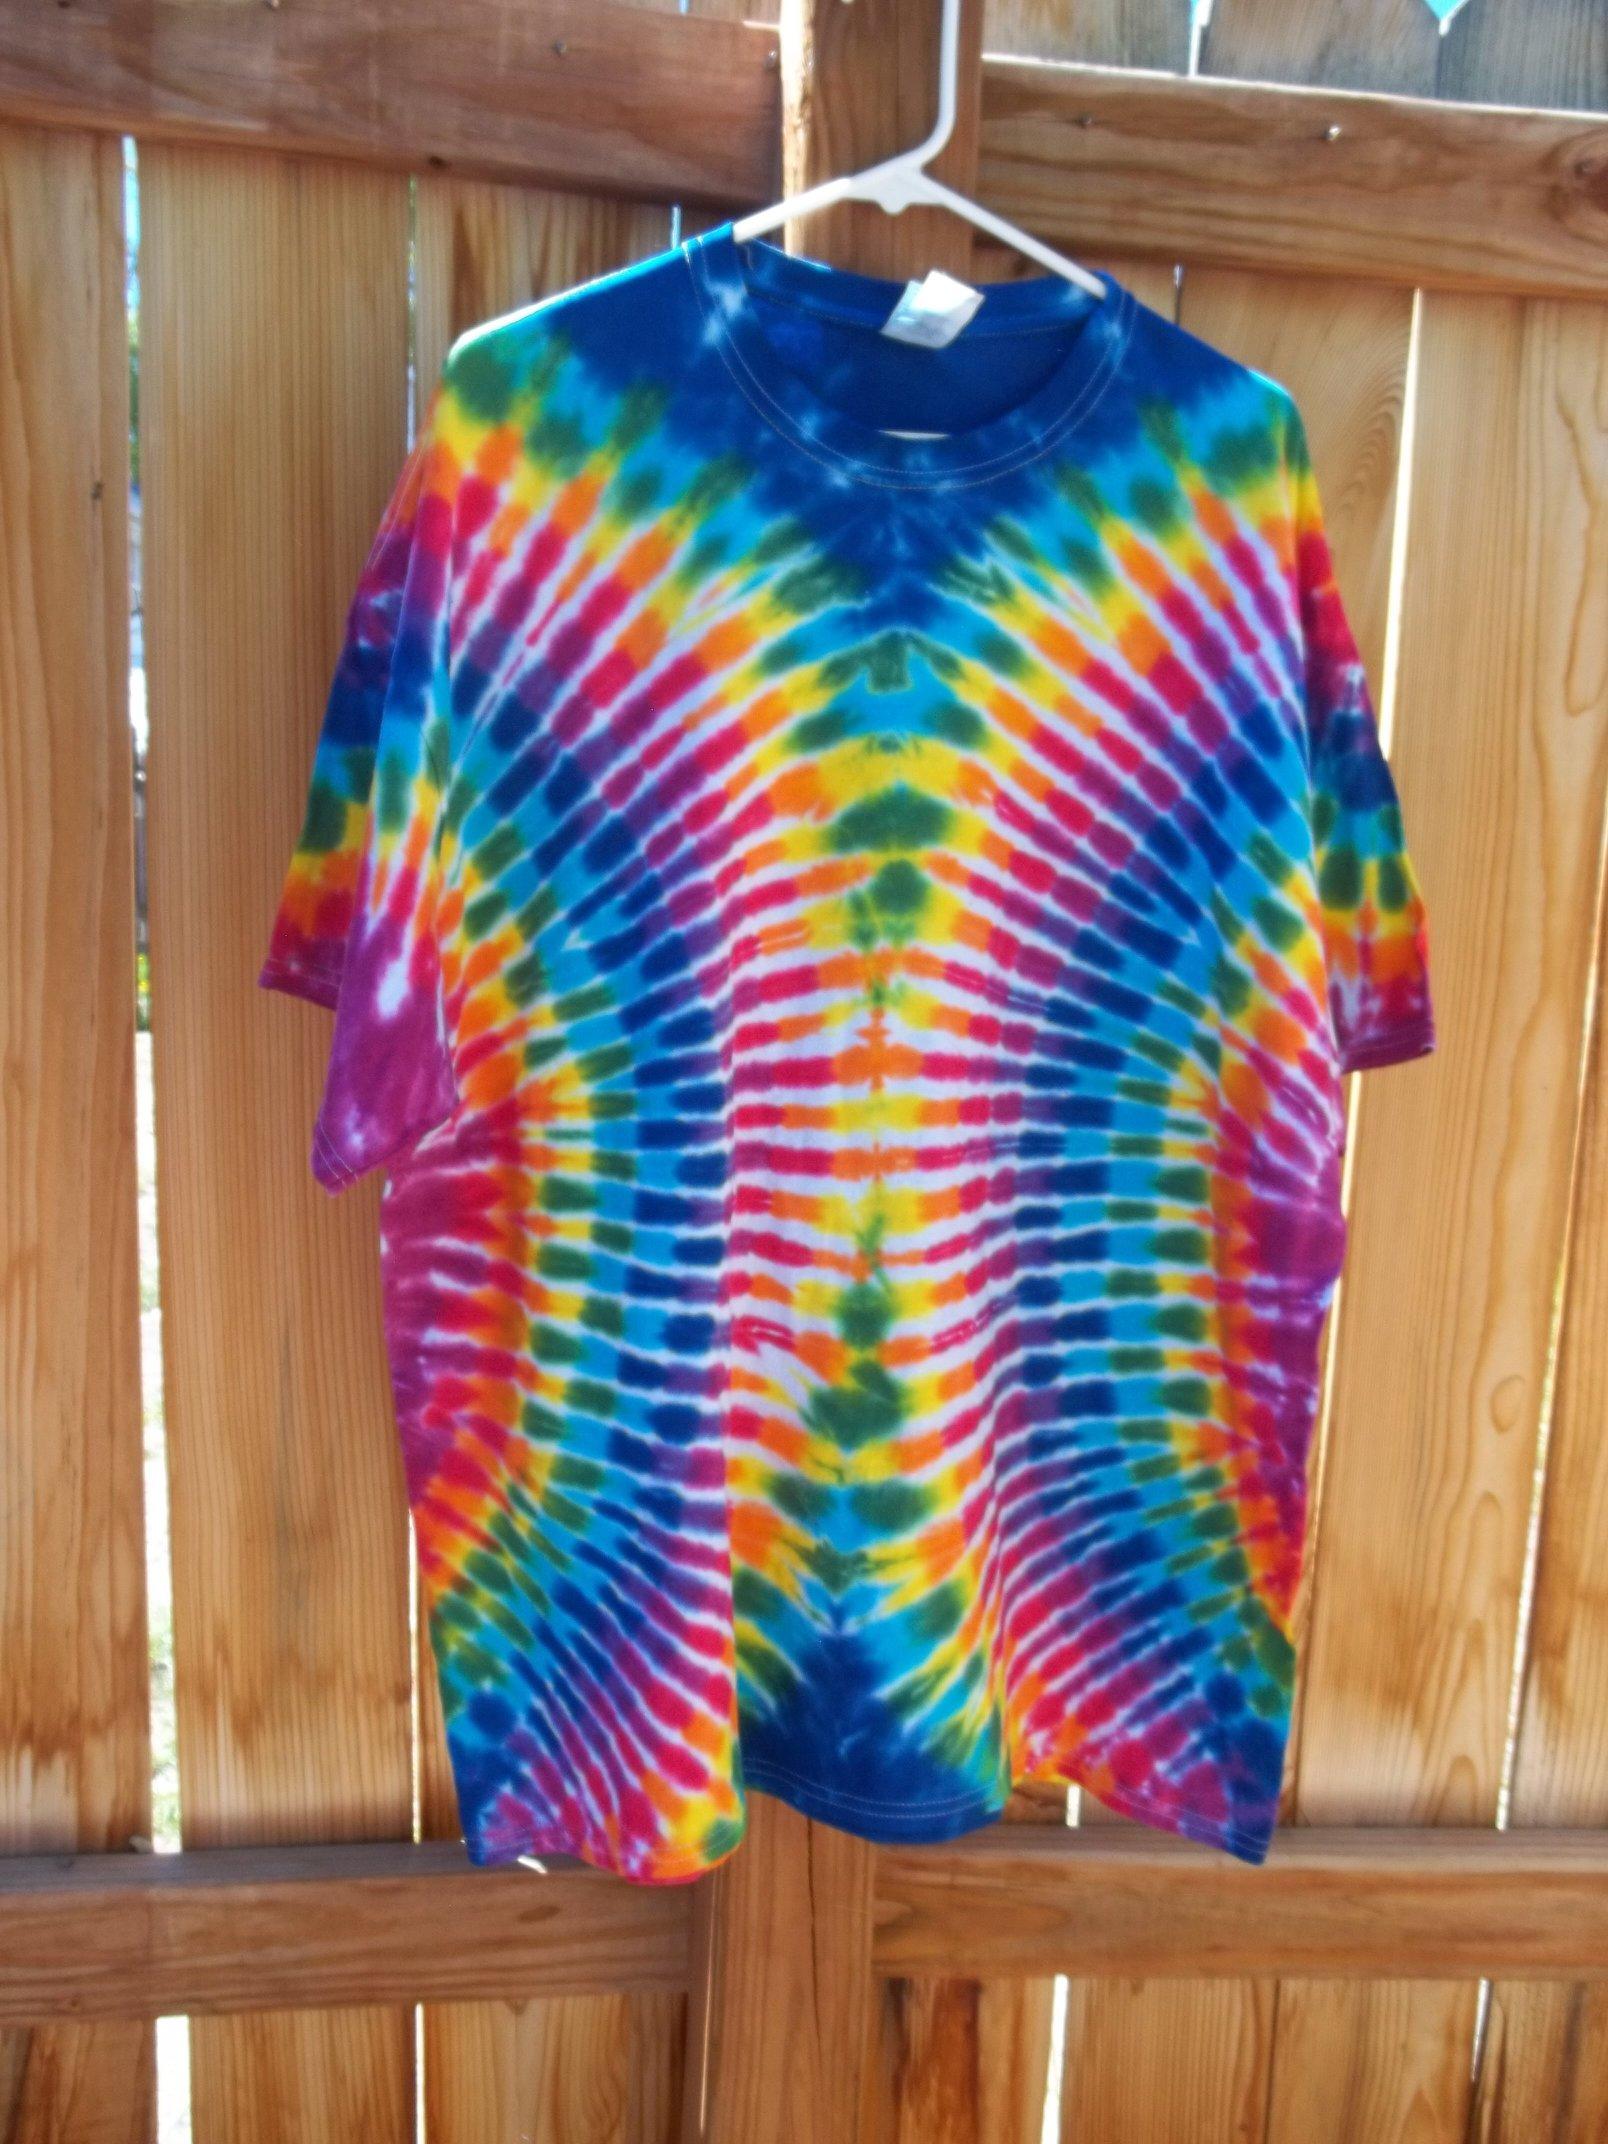 XXL Gildan Rainbow Tie Dye | Facebook